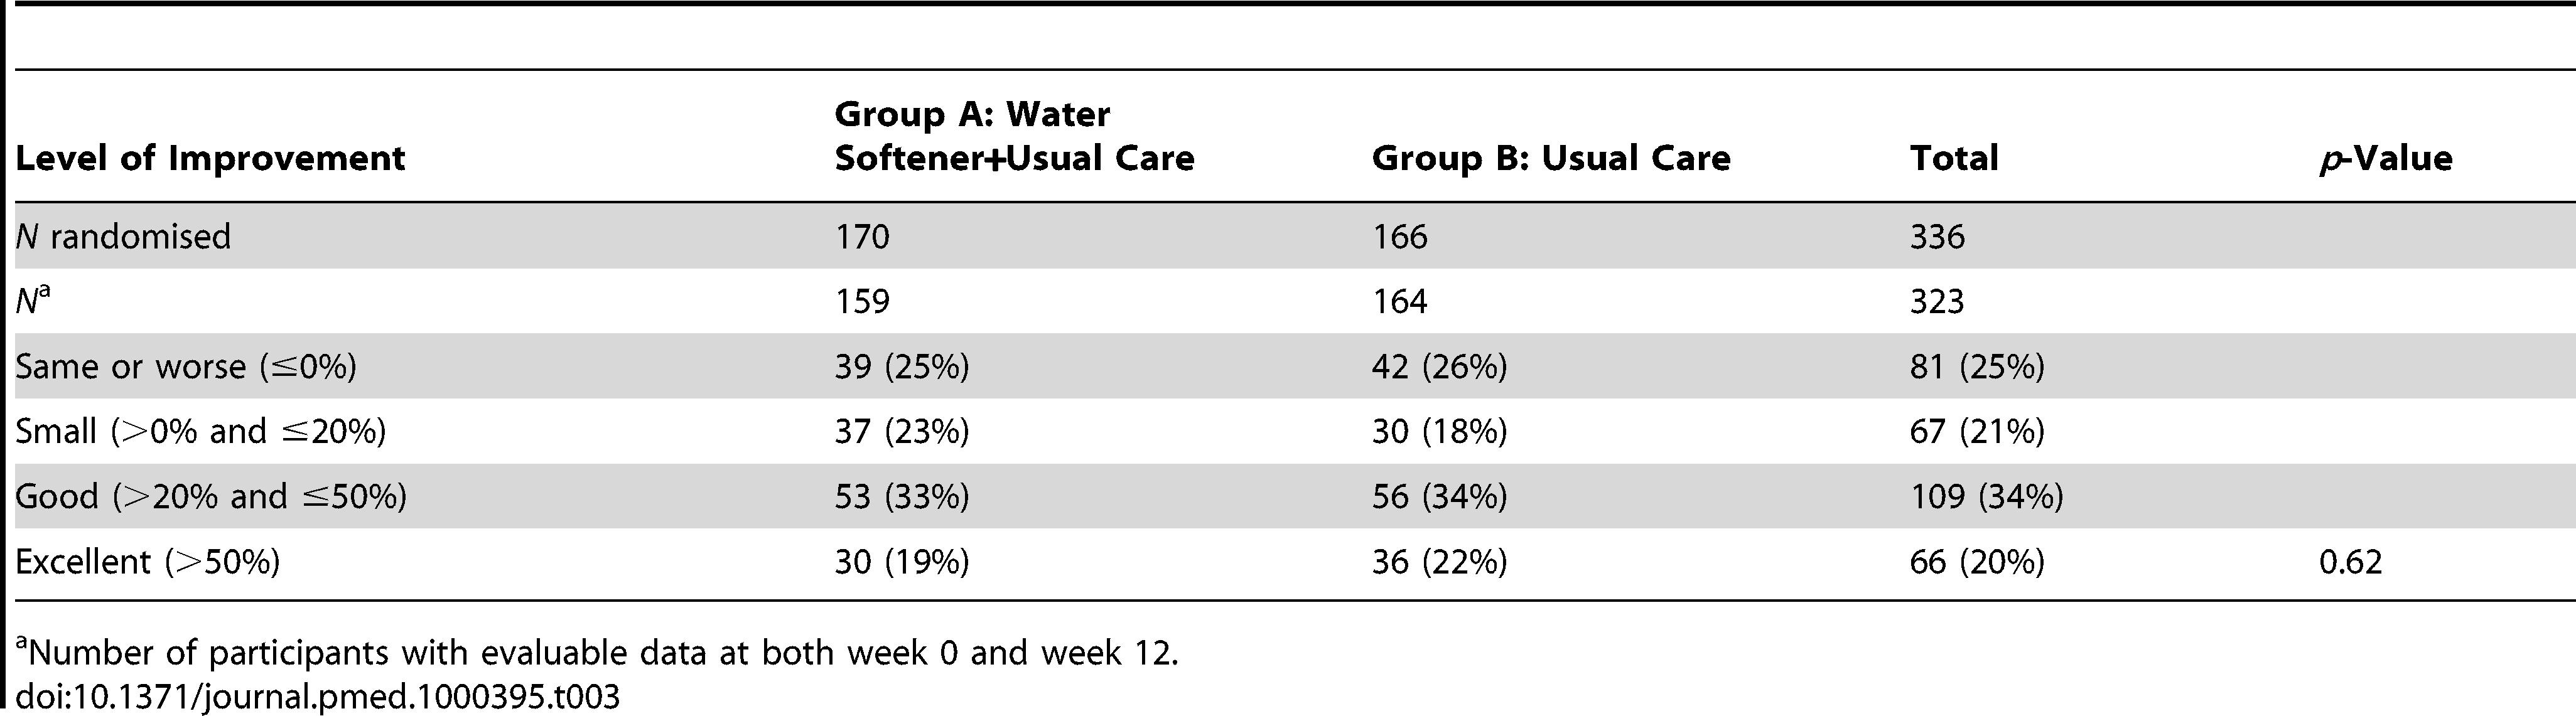 Categories of improvement in eczema severity (SASSAD) scores.